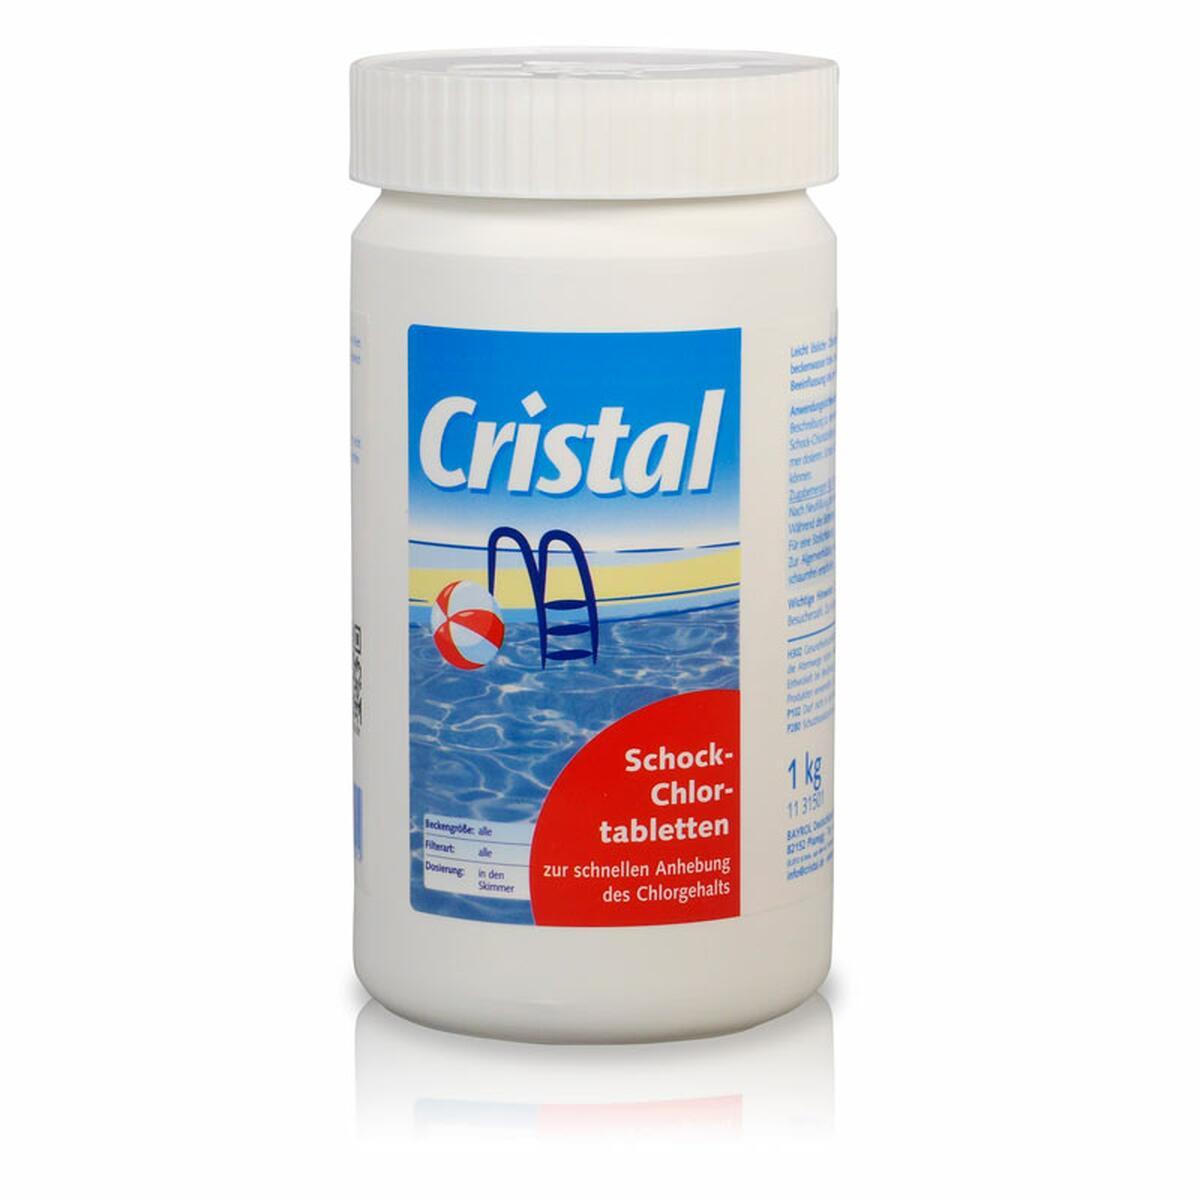 Cristal Schockchlortabletten 20 g - 1 kg